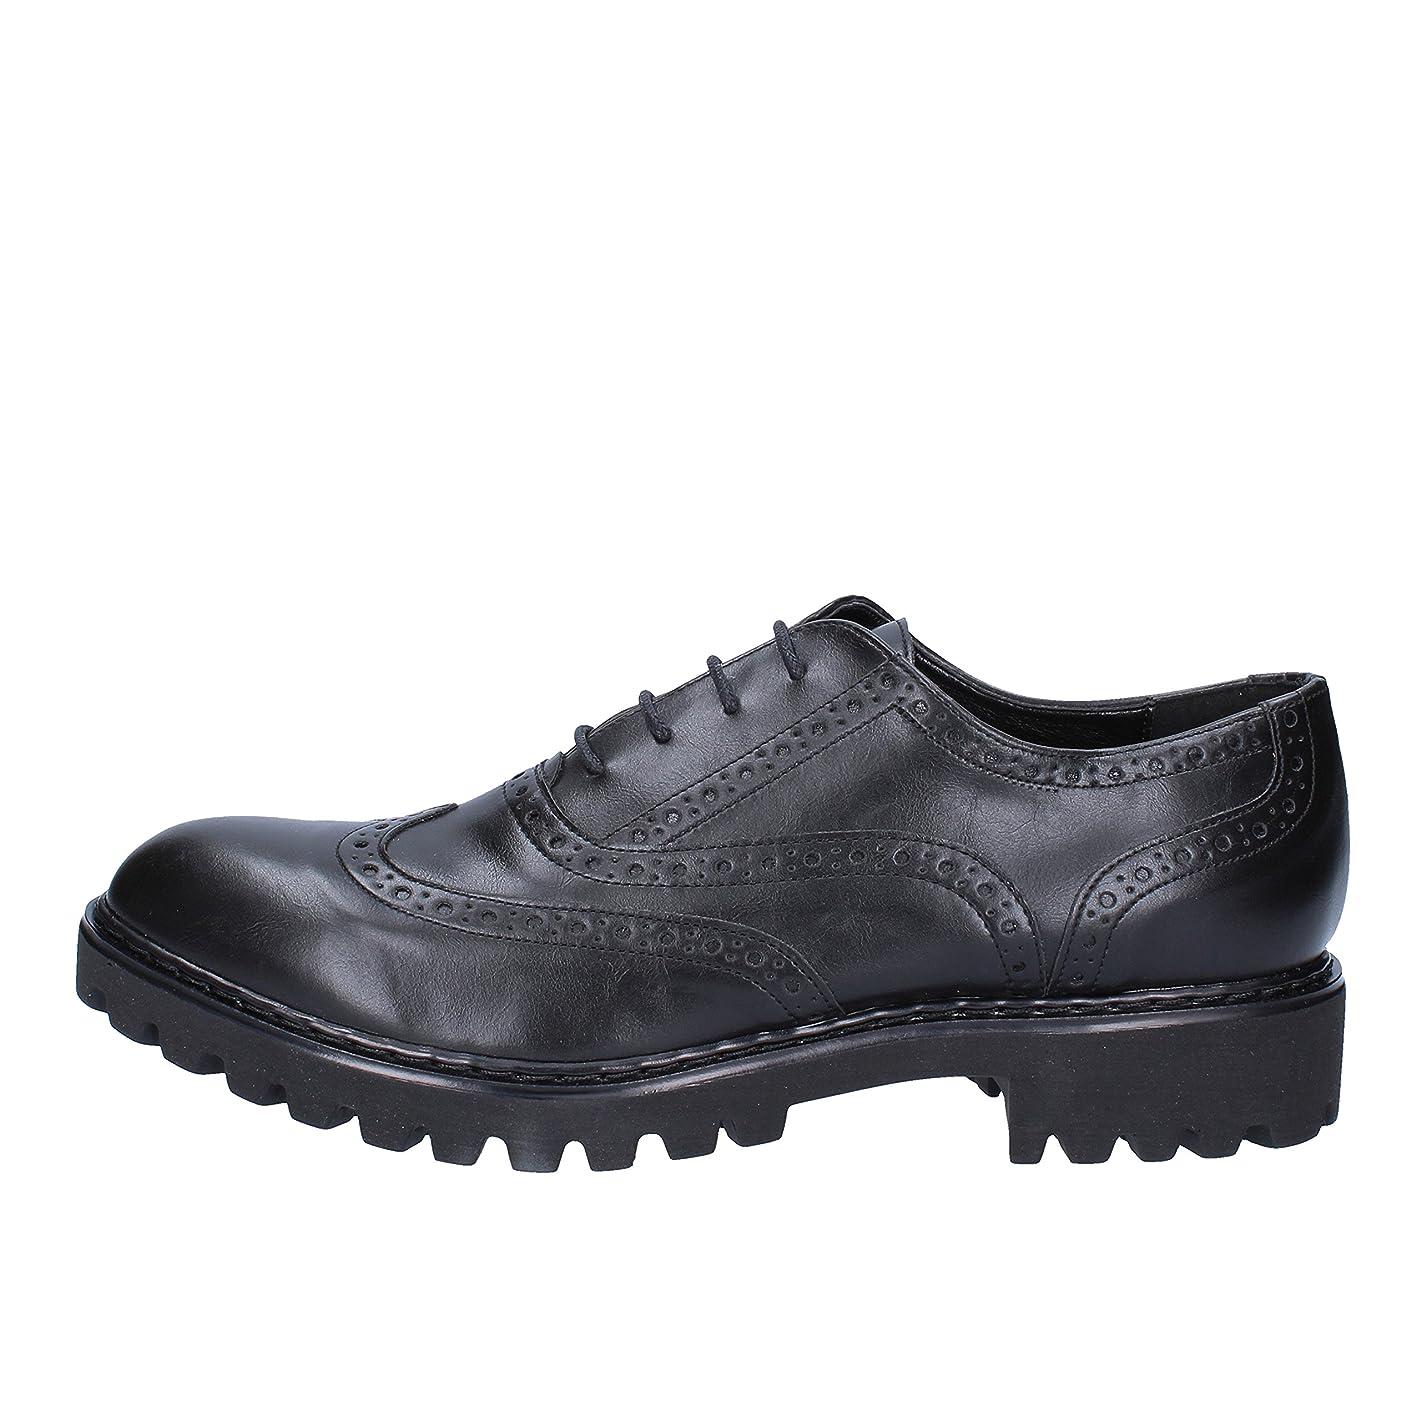 外交前任者不倫[OLGA RUBINI] 古典的な女性の靴 レディース レザー ブラック